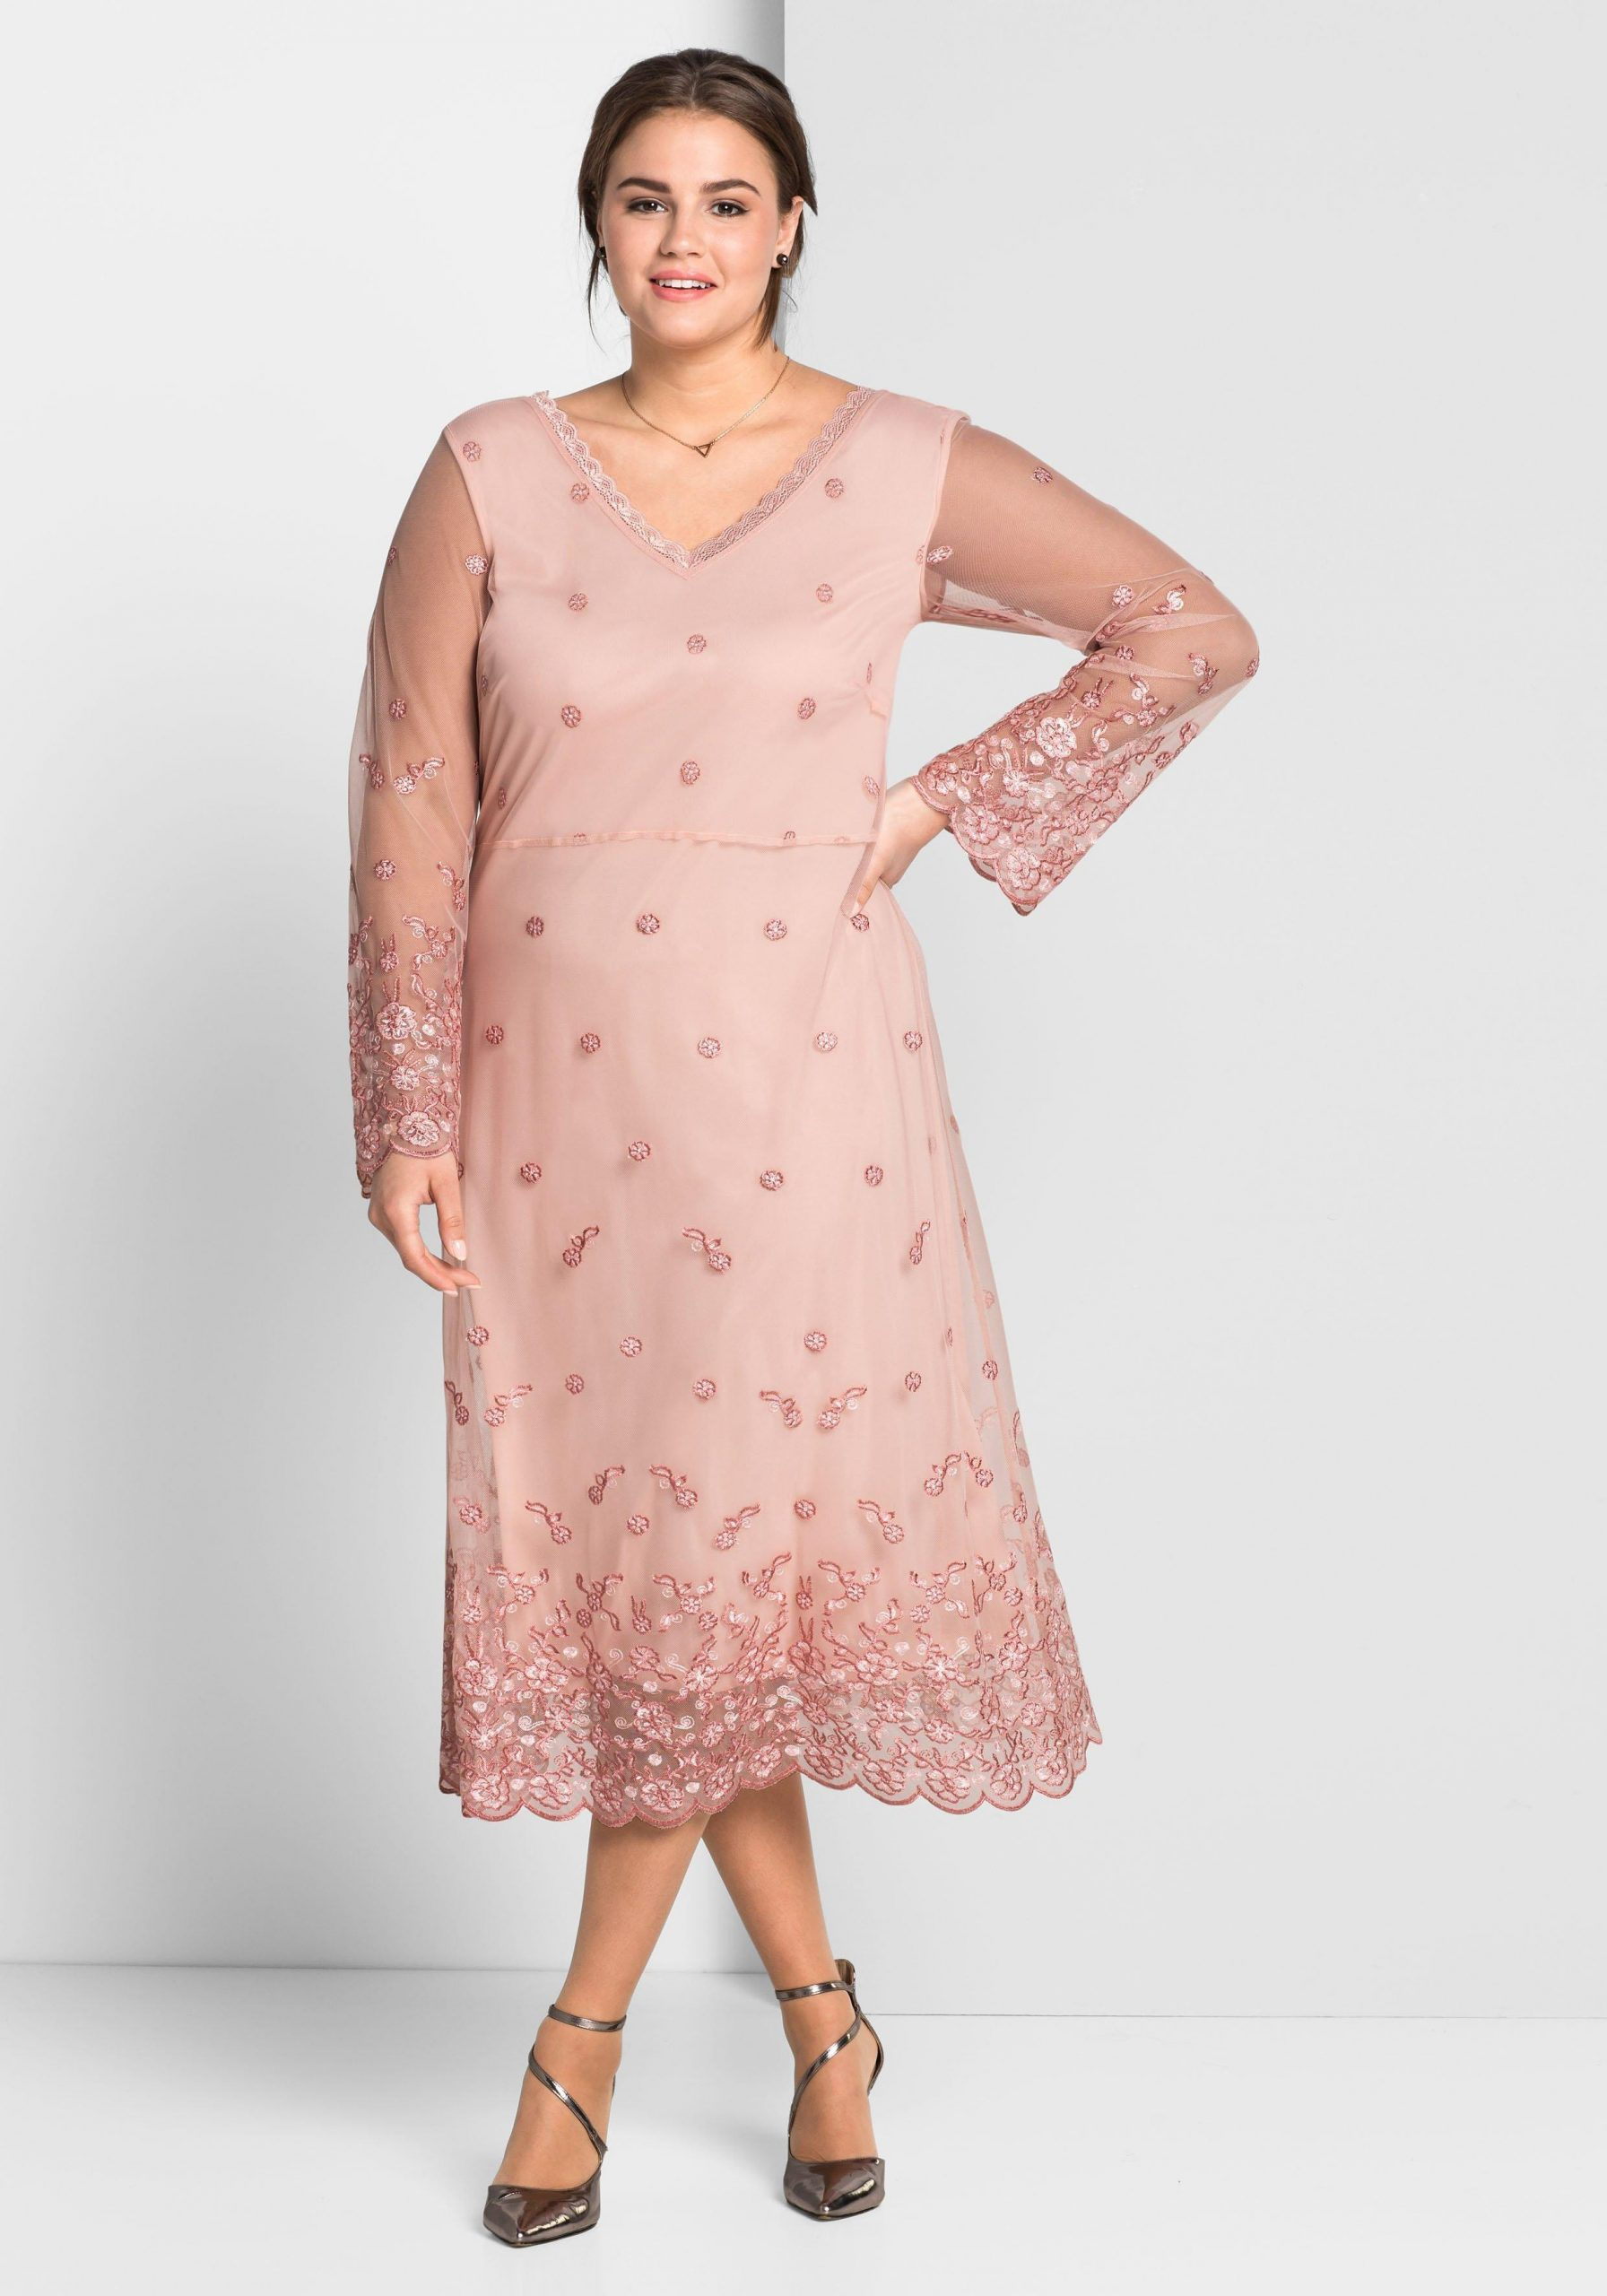 Erstaunlich Abendkleid In Großen Größen Stylish Top Abendkleid In Großen Größen Stylish